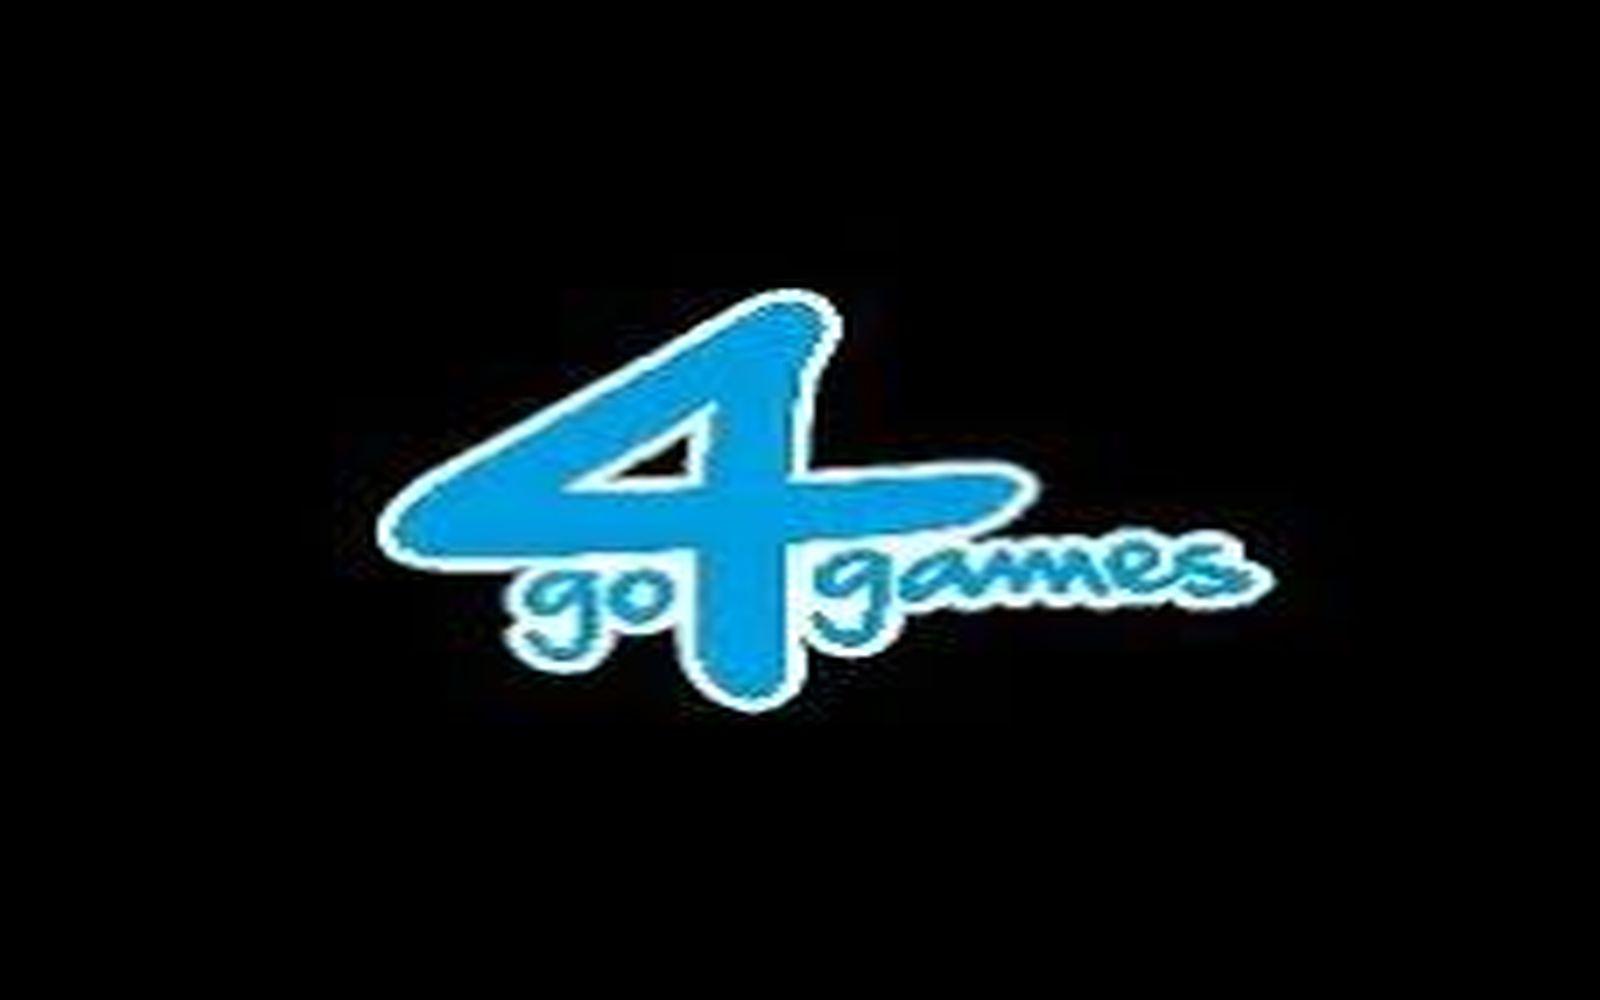 Go4Games Hodolany